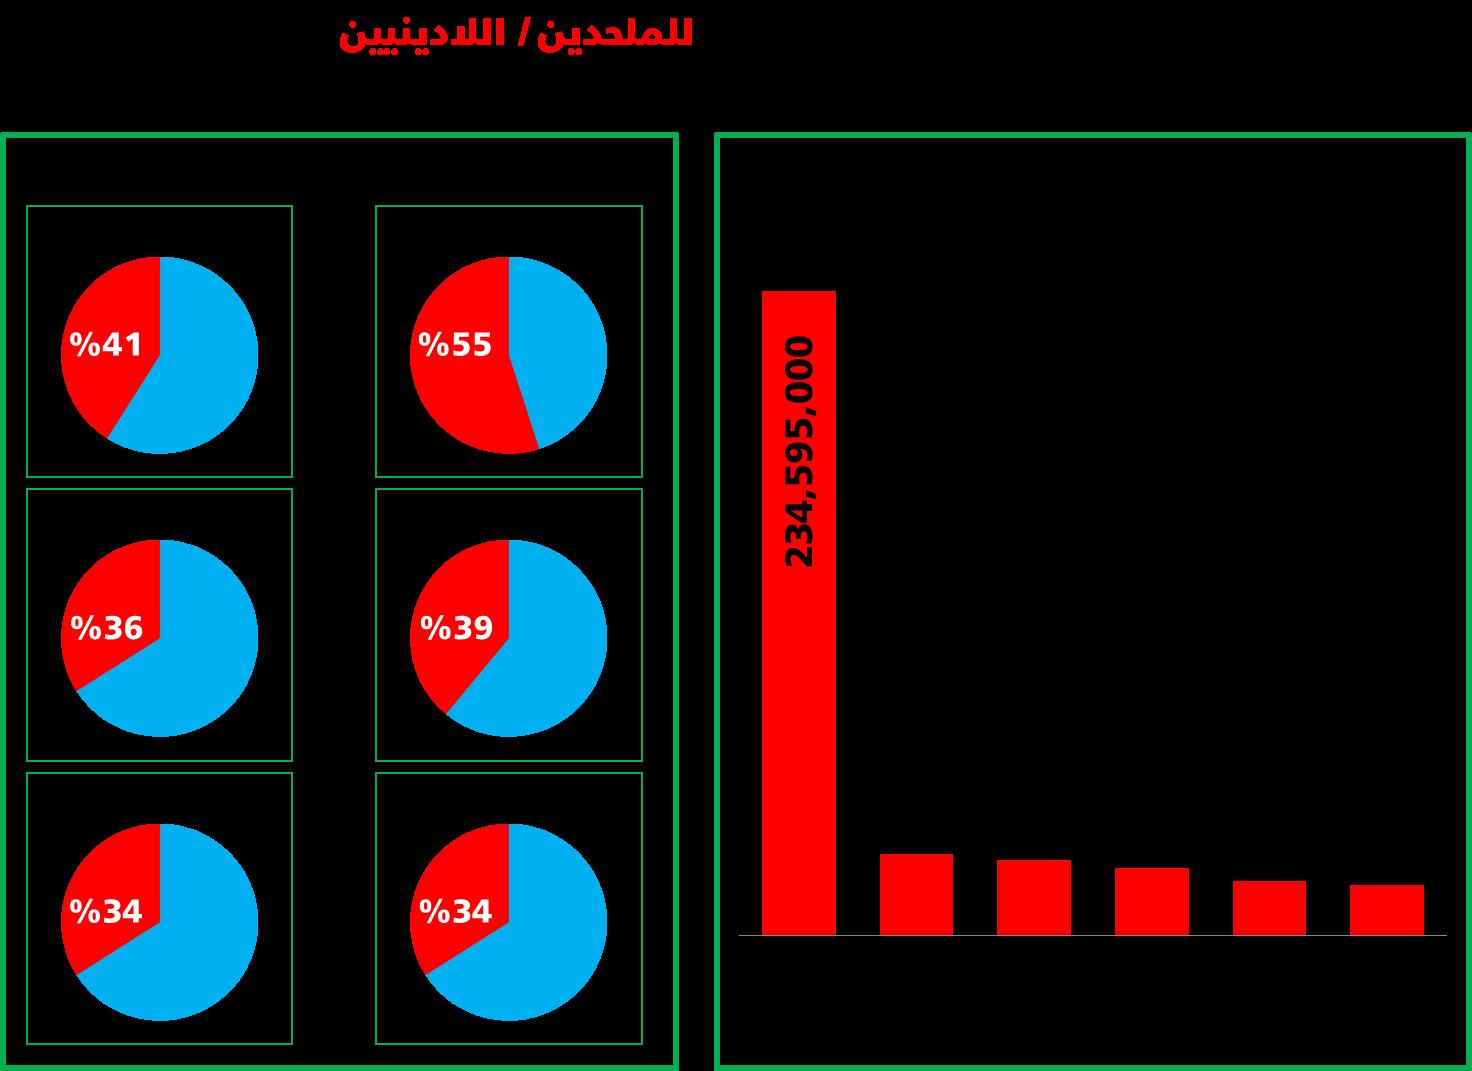 أعداد ونسب الملحدين حول العالم 2015